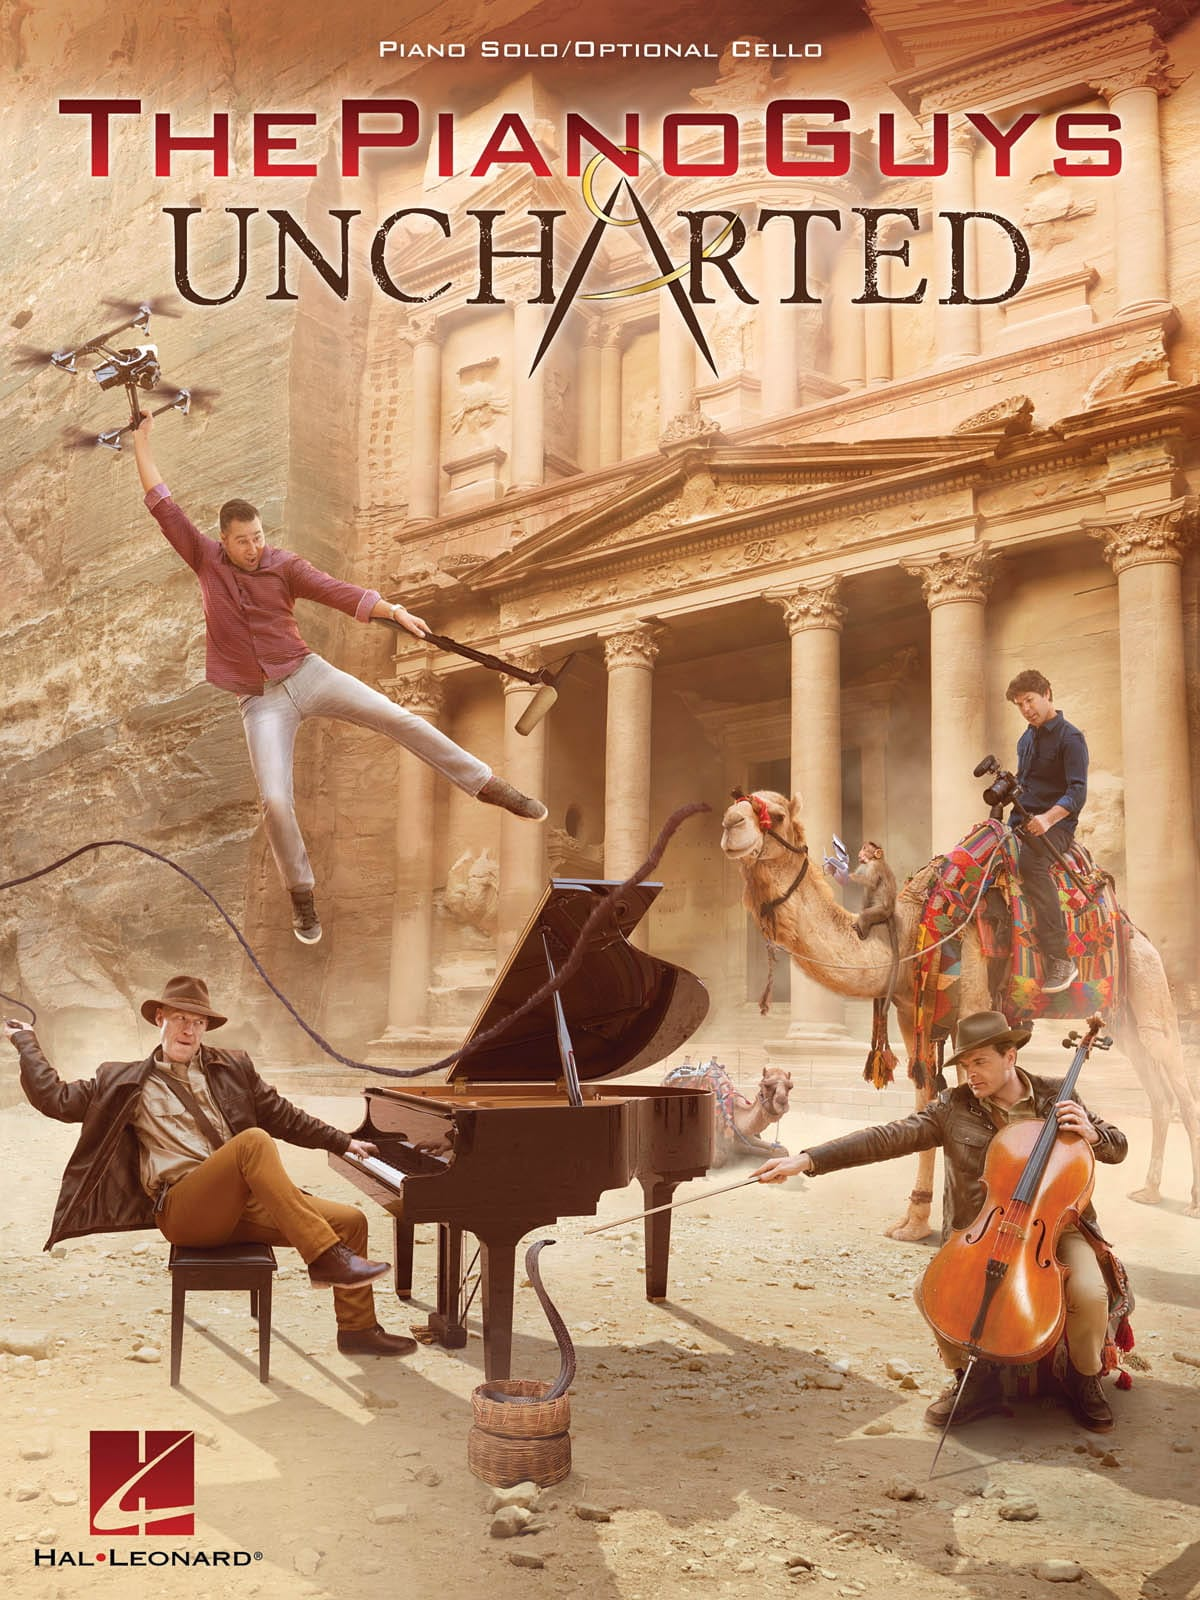 ThePianoGuys - The Piano Guys - Uncharted, Cello and Piano Version - Partition - di-arezzo.com